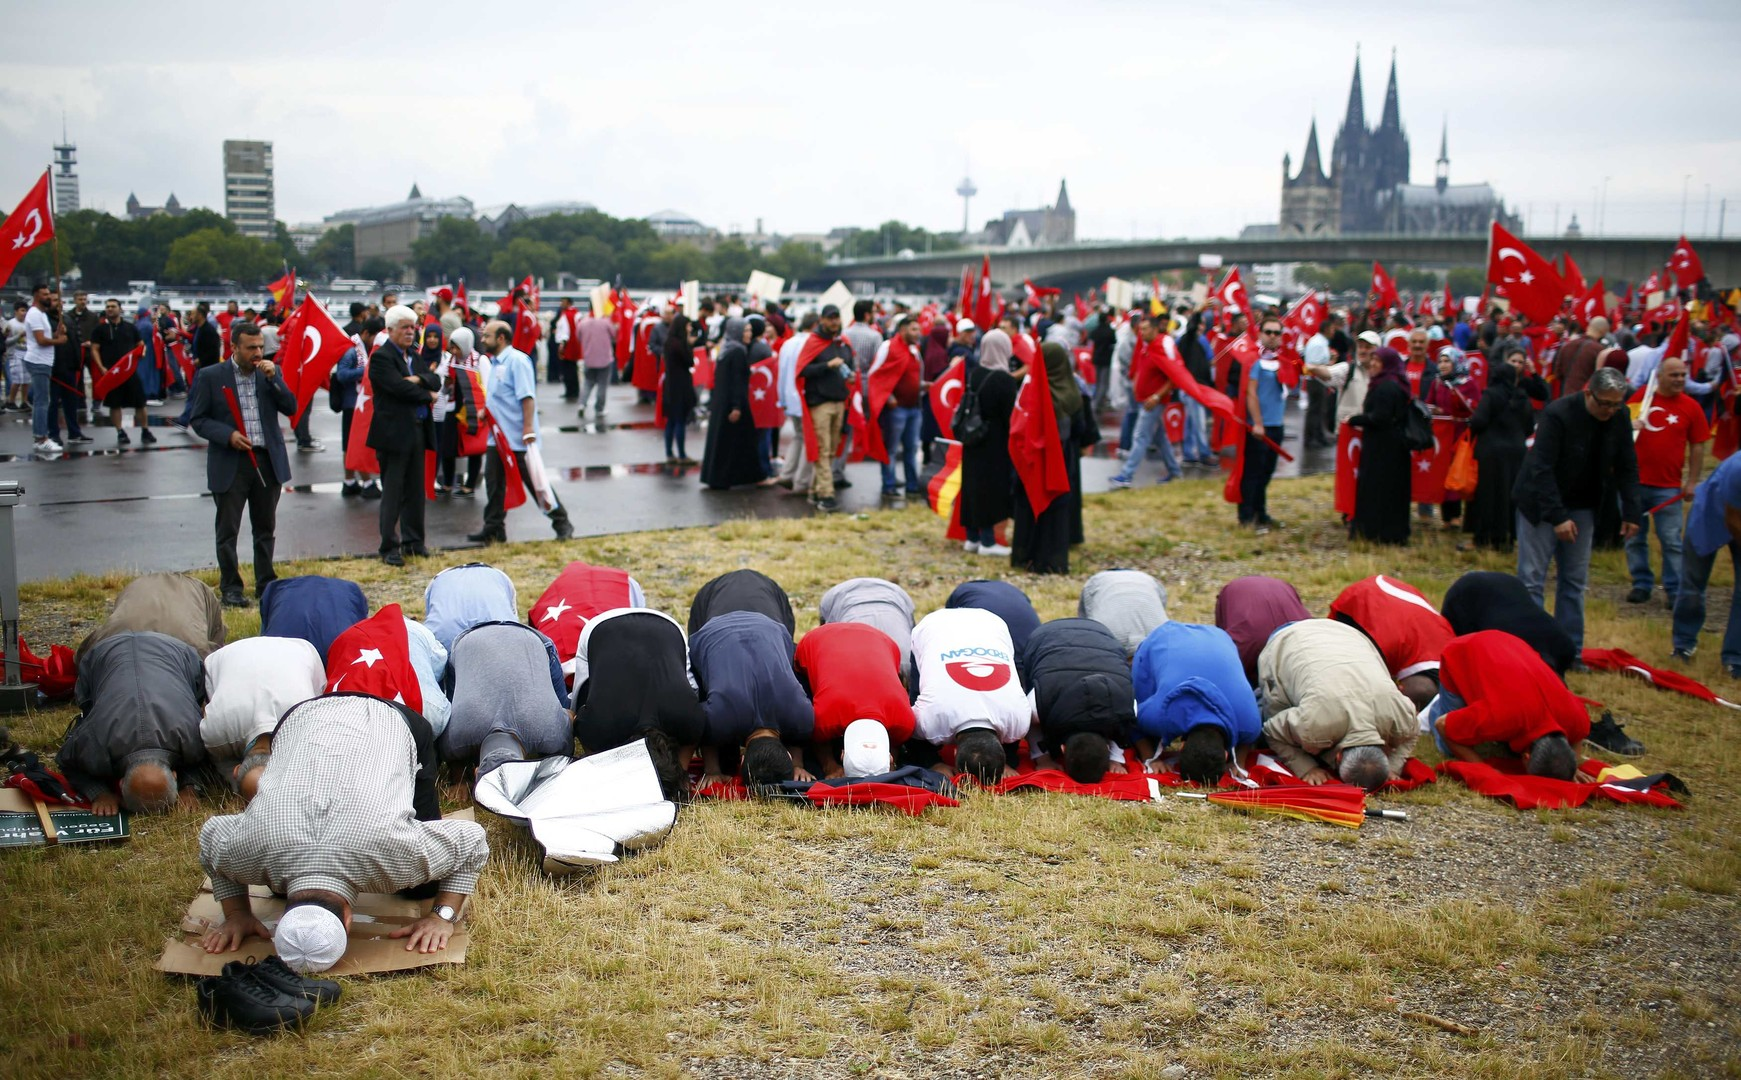 Allemagne : 40 000 personnes dans les rues de Cologne pour soutenir Erdogan (PHOTOS, VIDEOS)